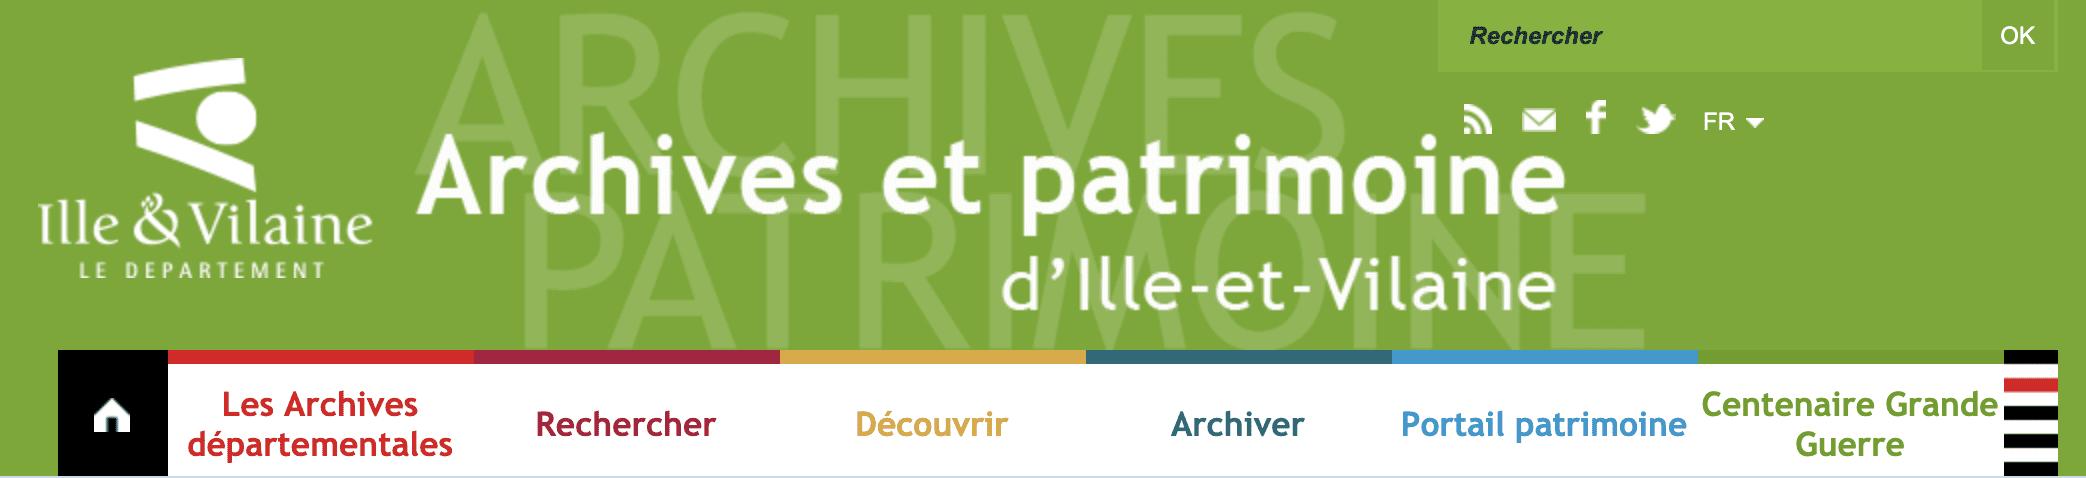 Tour de France, archives, Ille-et-Vilaine, Gallica, généalogie